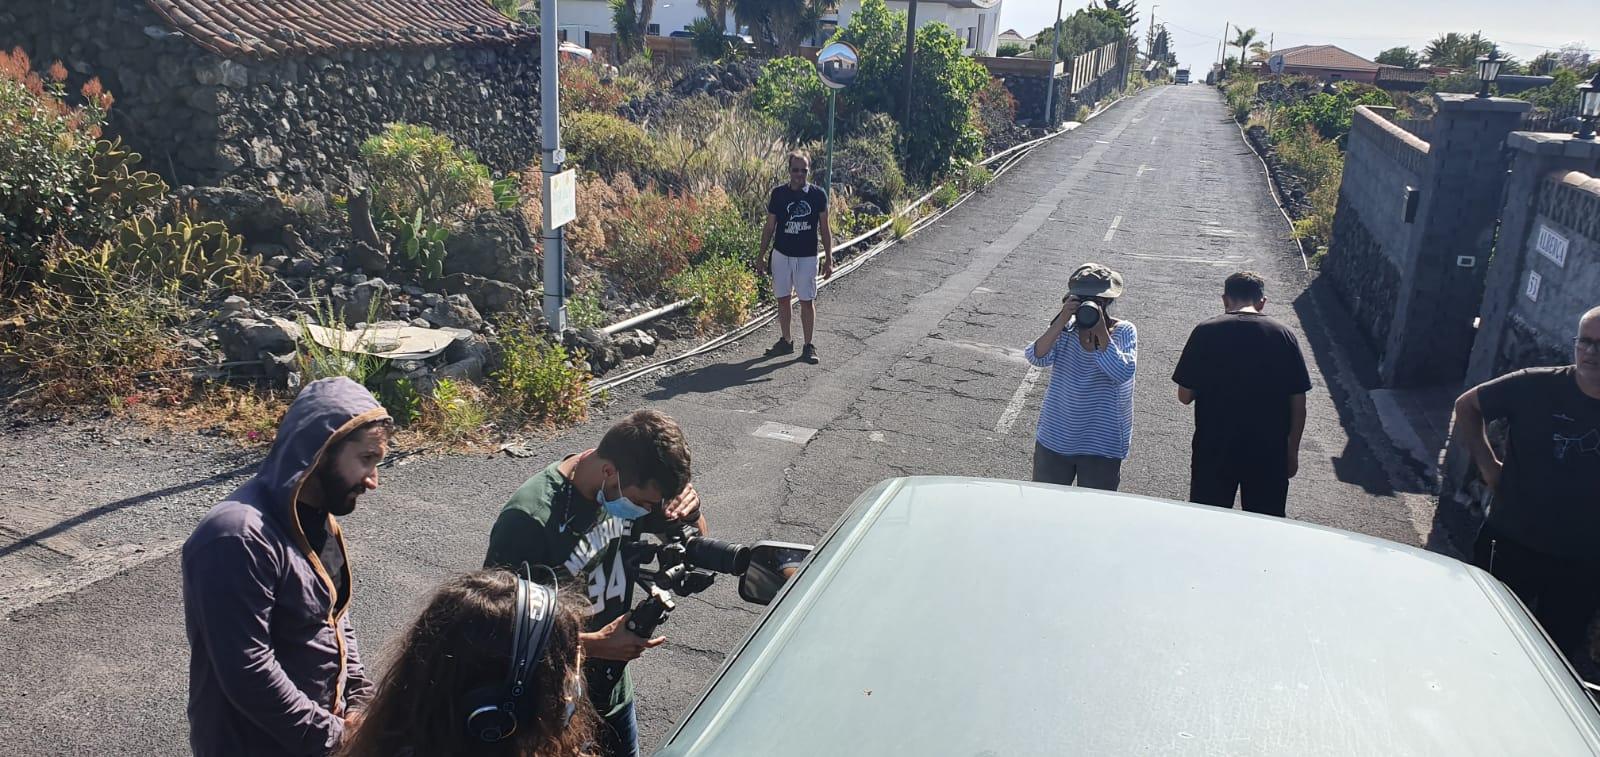 El Festivalito La Palma proyecta esta noche su Maratón de Cortos admitidos en esta edición de La Palma Rueda